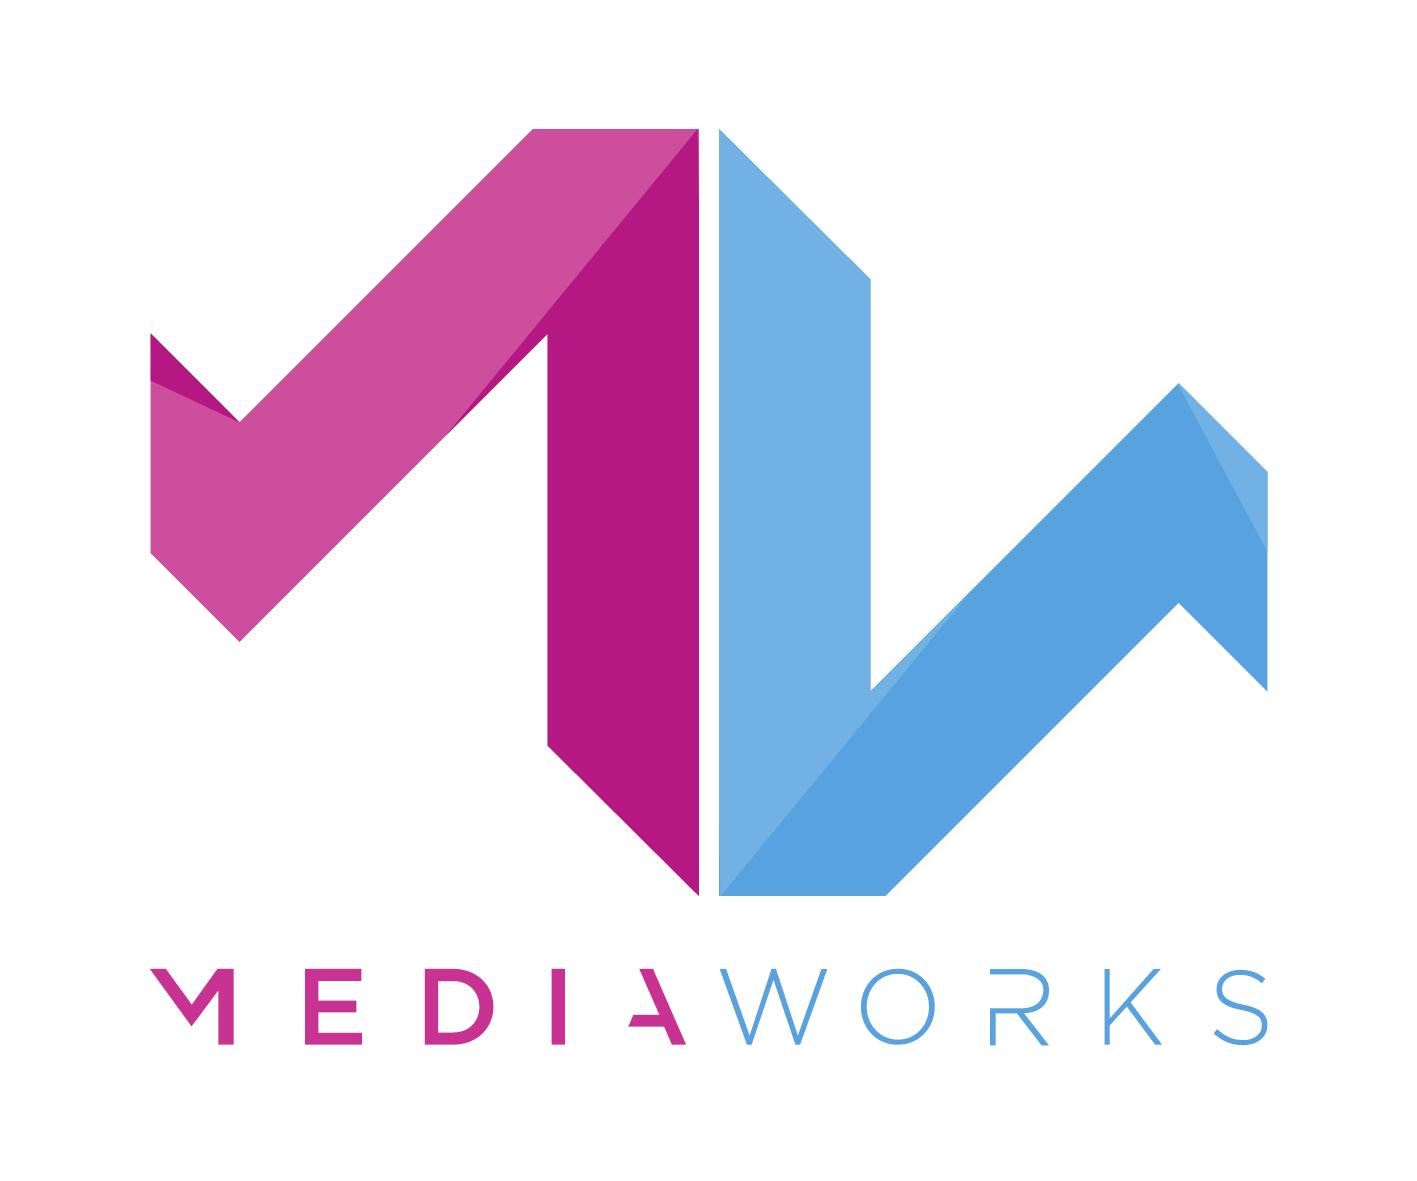 mediaworks-full-colour-logo-2